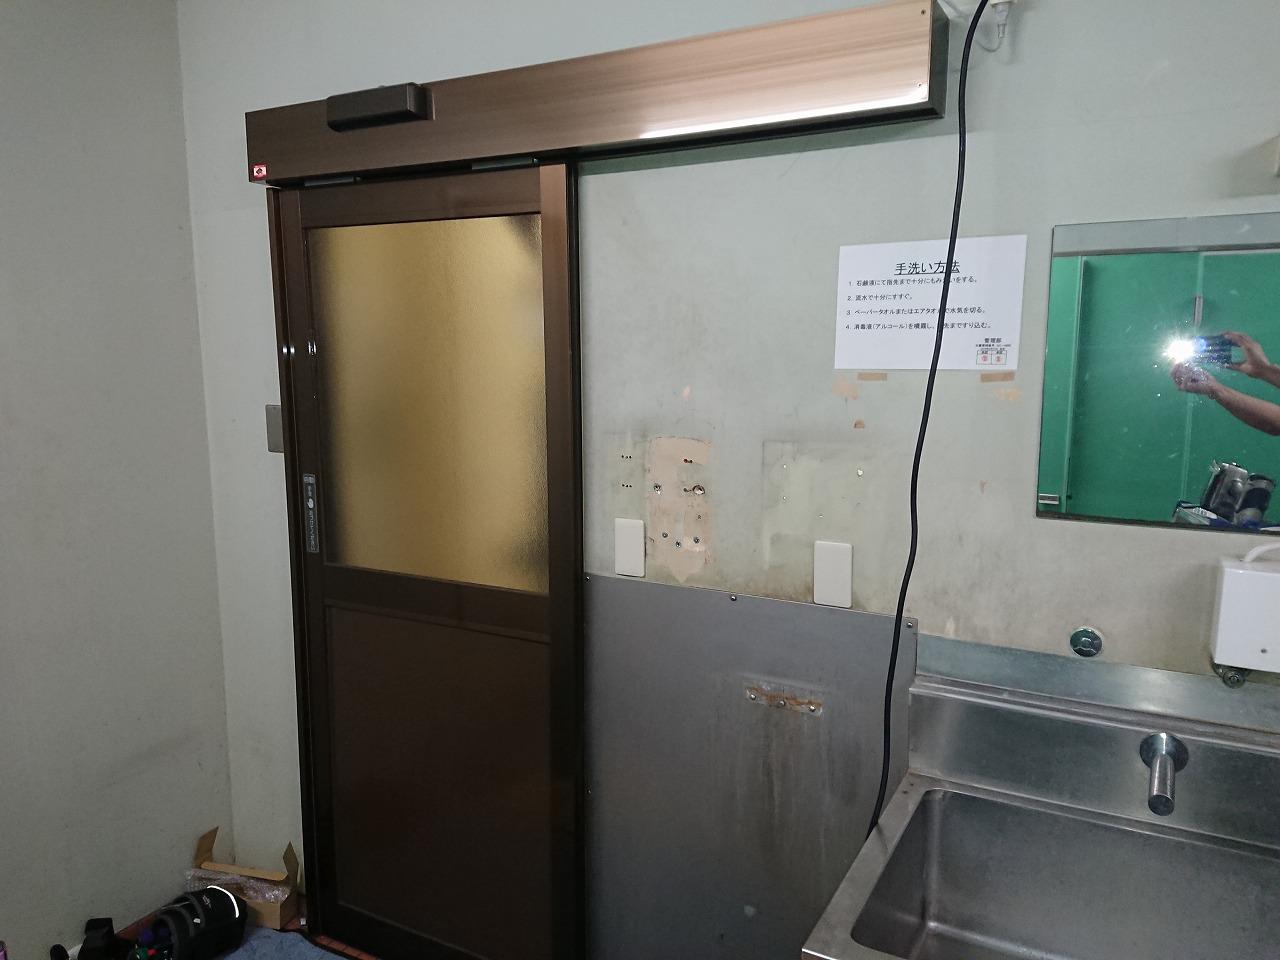 【HACCP対応】トイレの手動開き戸を後付けで引き戸自動ドアに|群馬【FAS07事例】